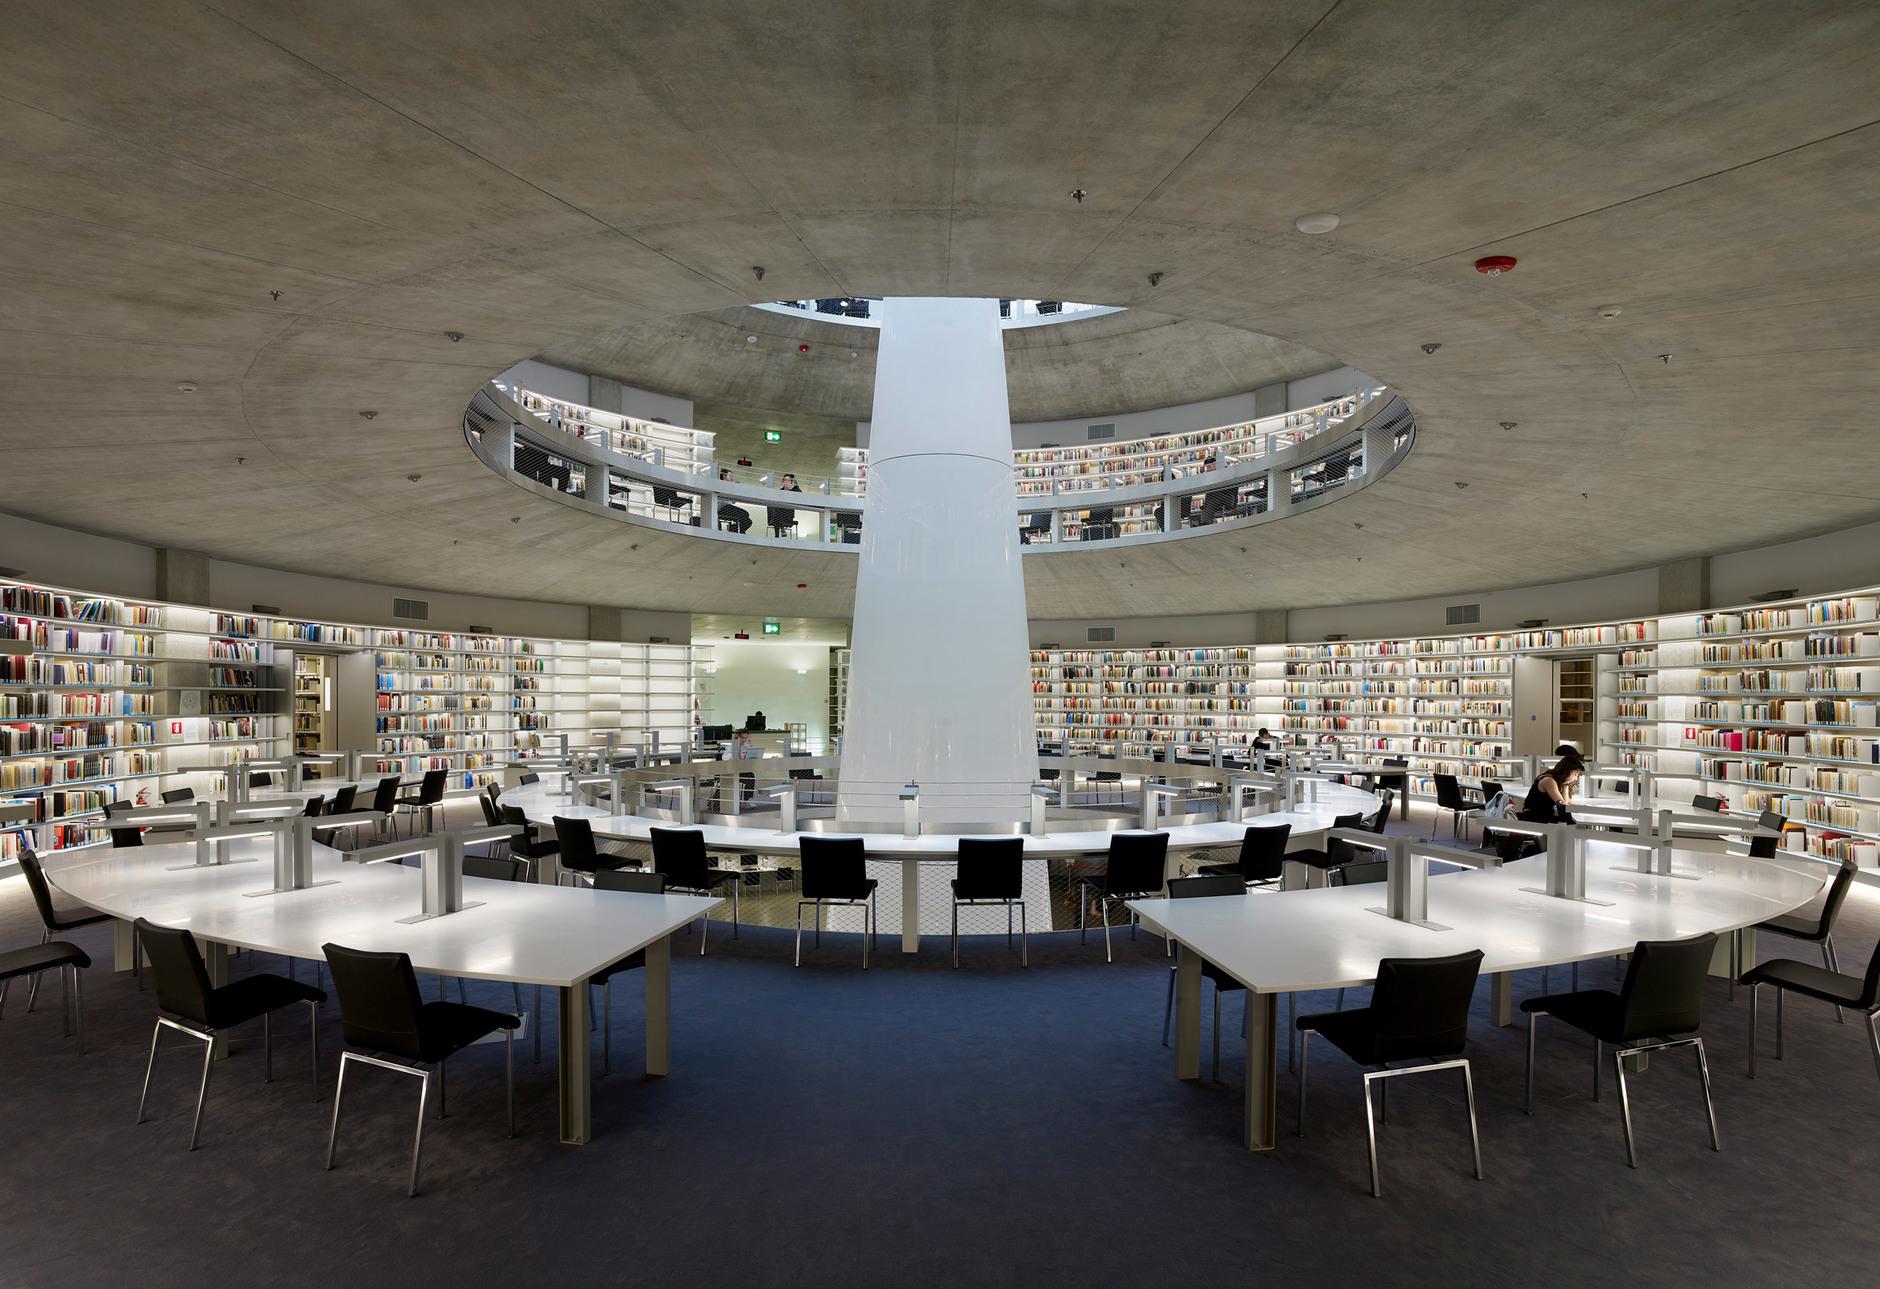 Яркая библиотека по проекту Жана Нувеля (галерея 14, фото 1)